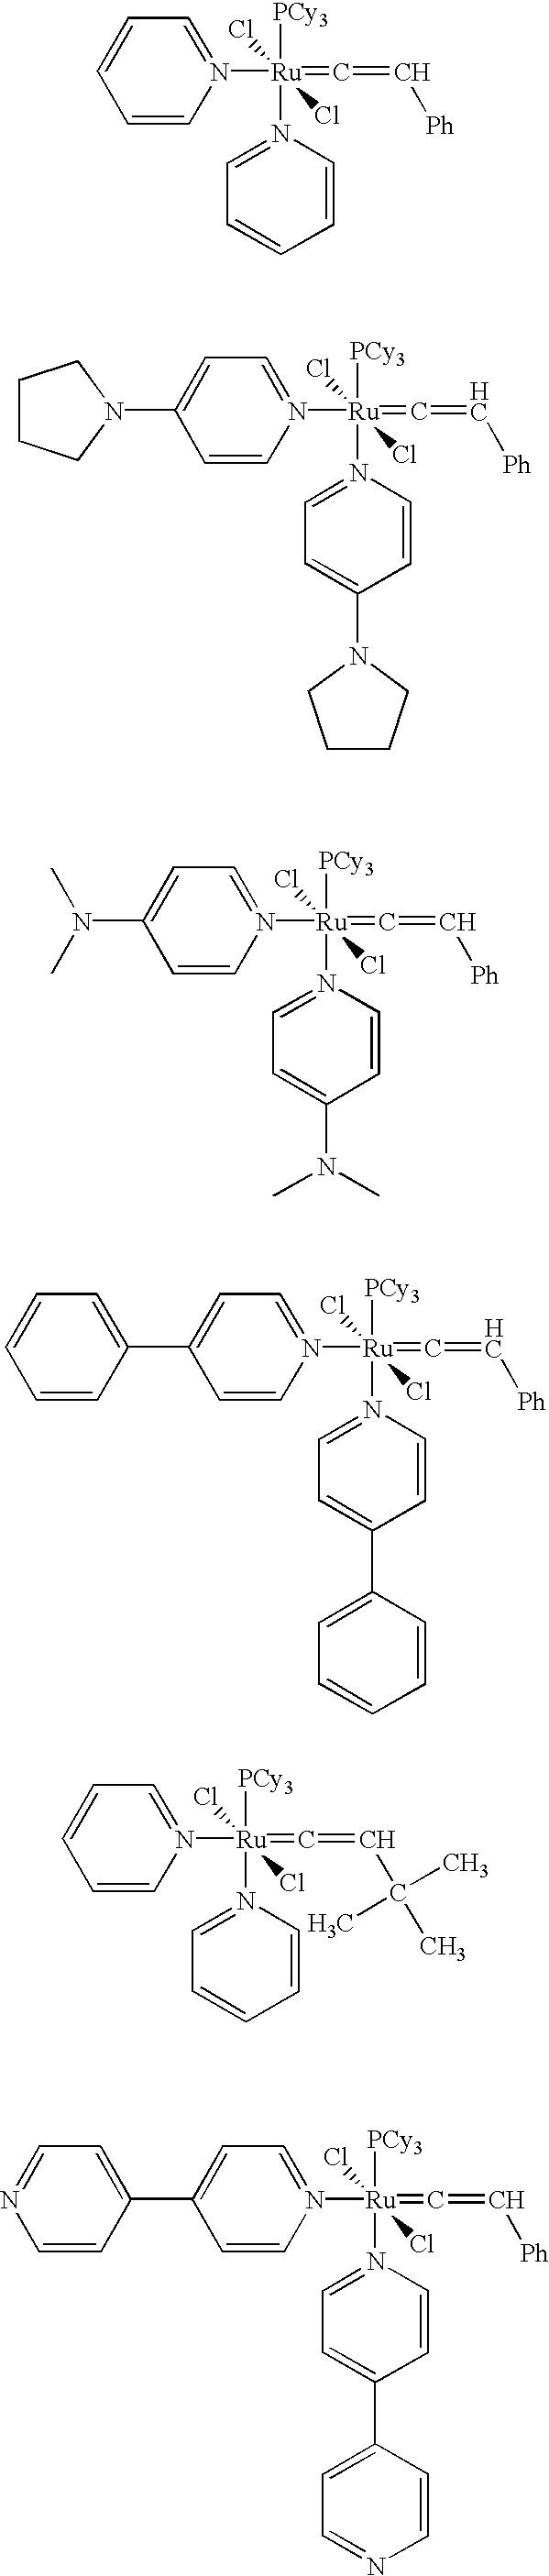 Figure US06818586-20041116-C00054